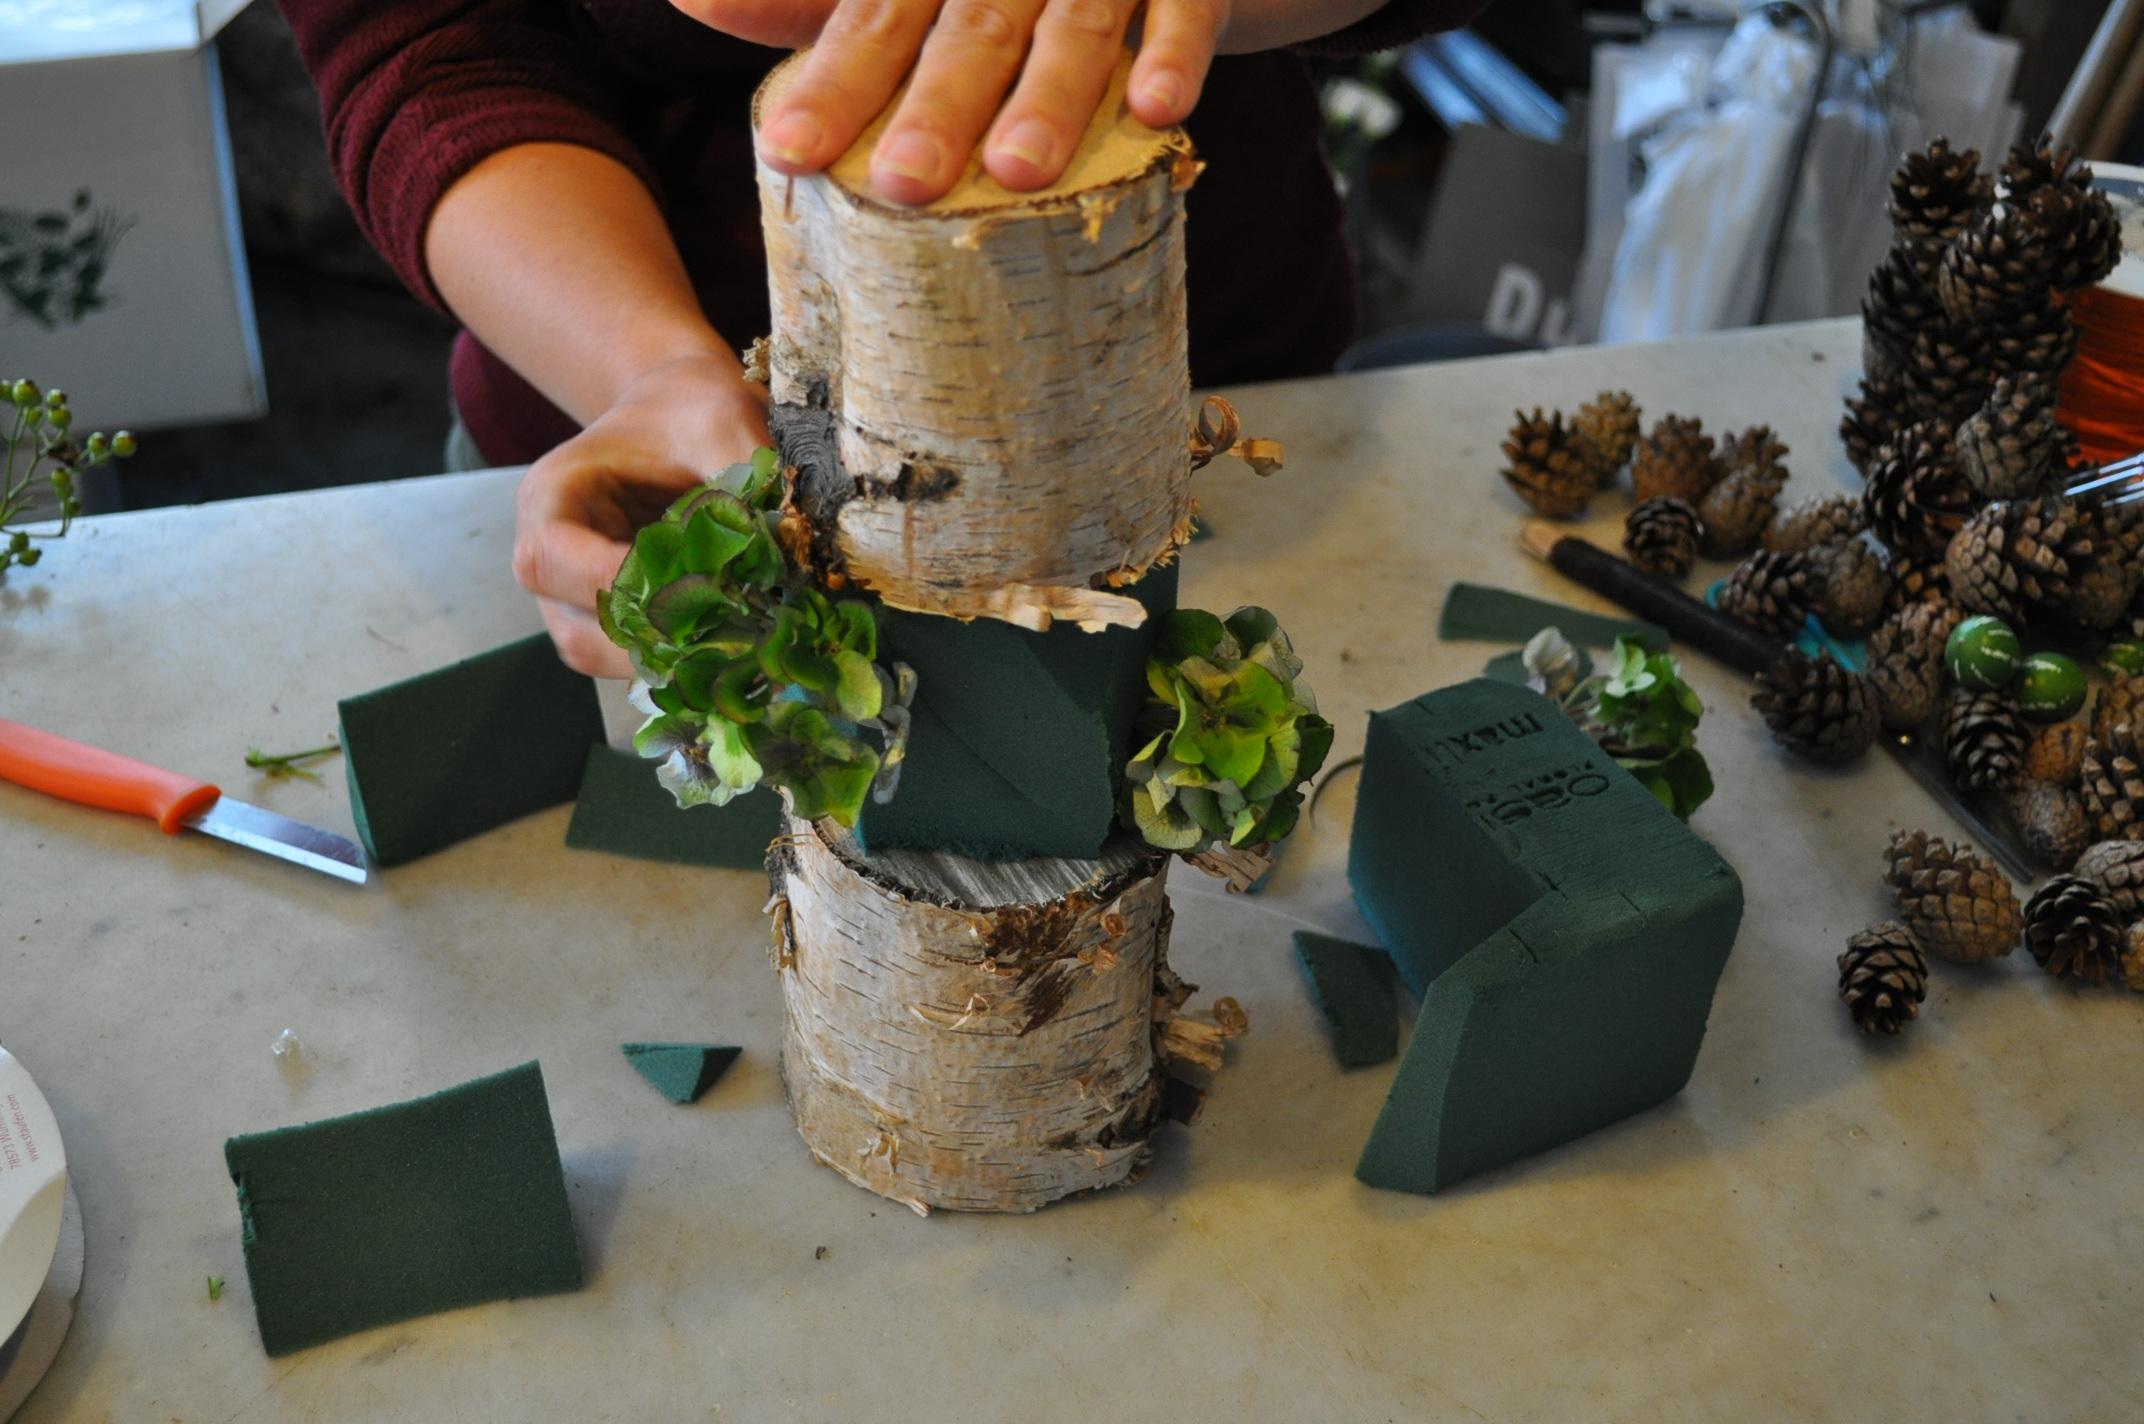 Bloemstukje maken herfsttorentje in 3 stappen for Koivijver bouwen stap voor stap